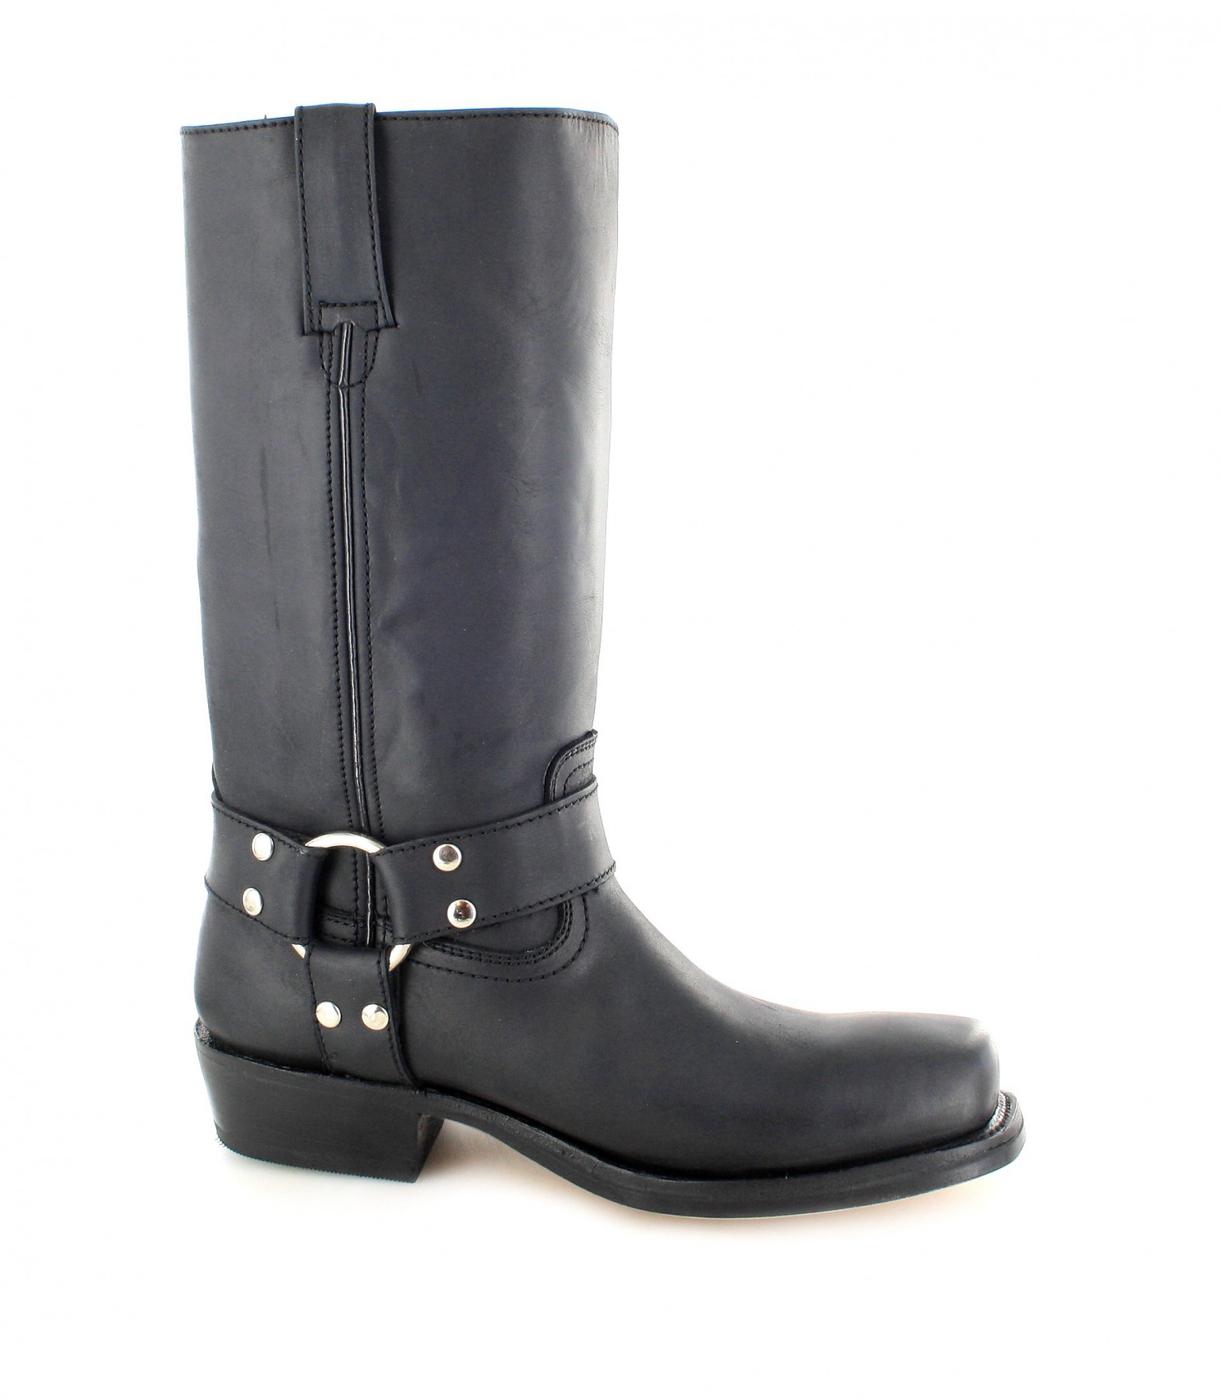 Buffalo Boots 1801 biker boot - black | Fashion Boots